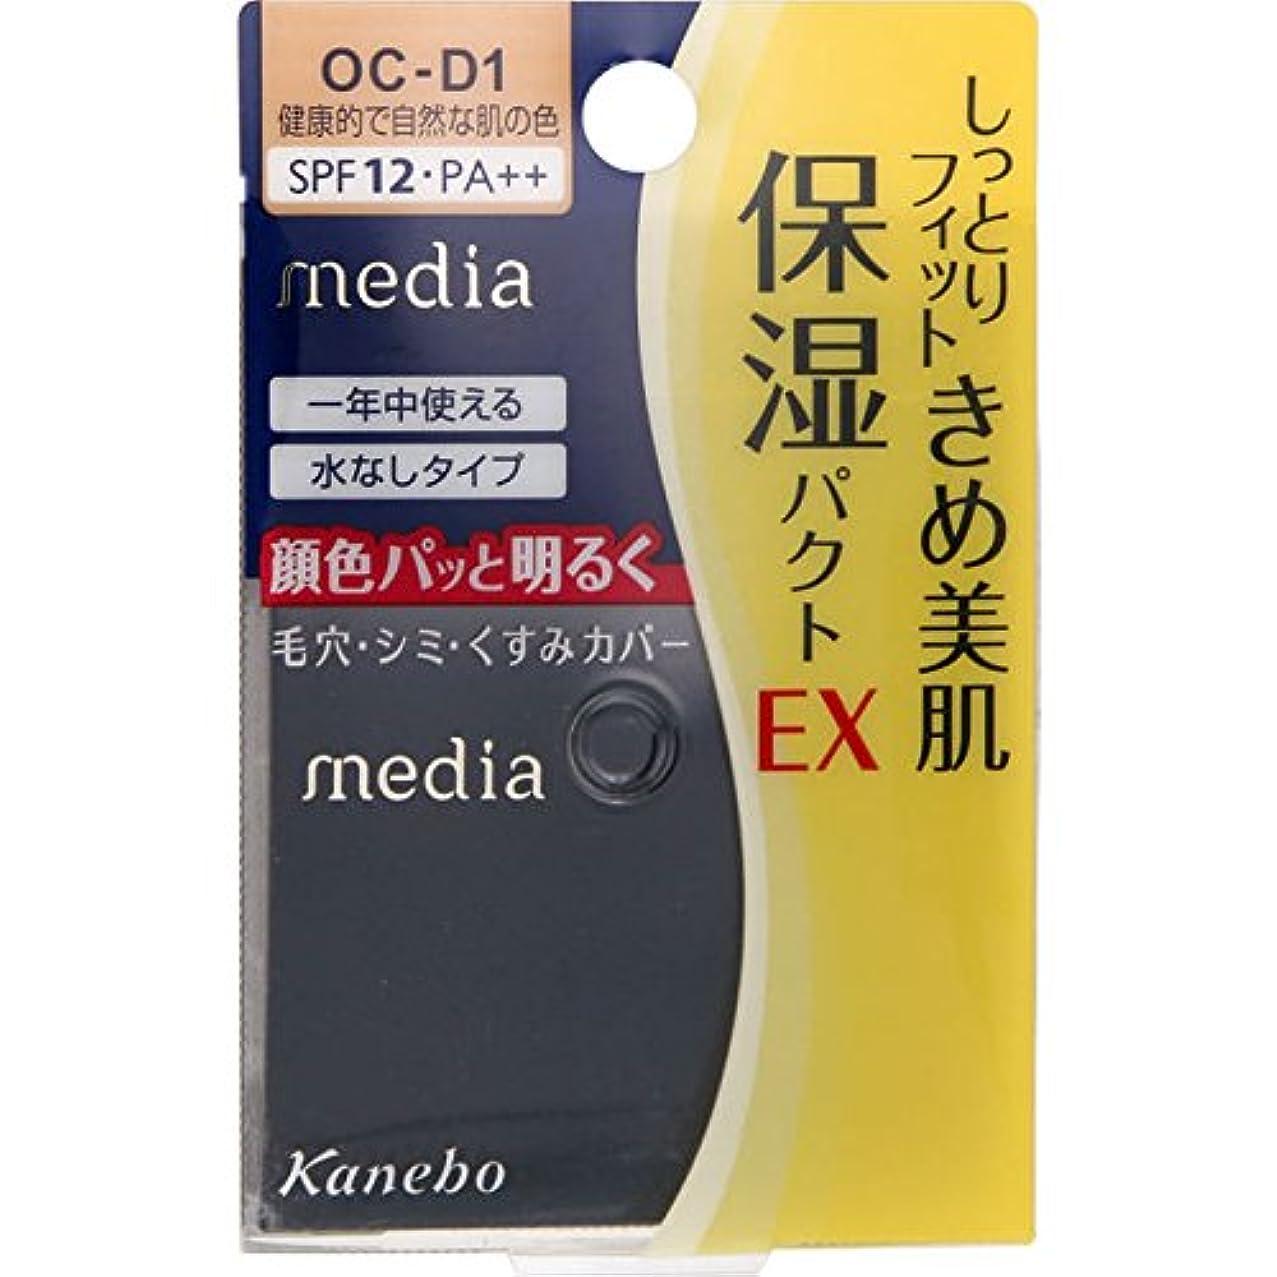 アクセス暴徒保有者カネボウ メディア モイストフィットパクトEX OC-D1(11g)